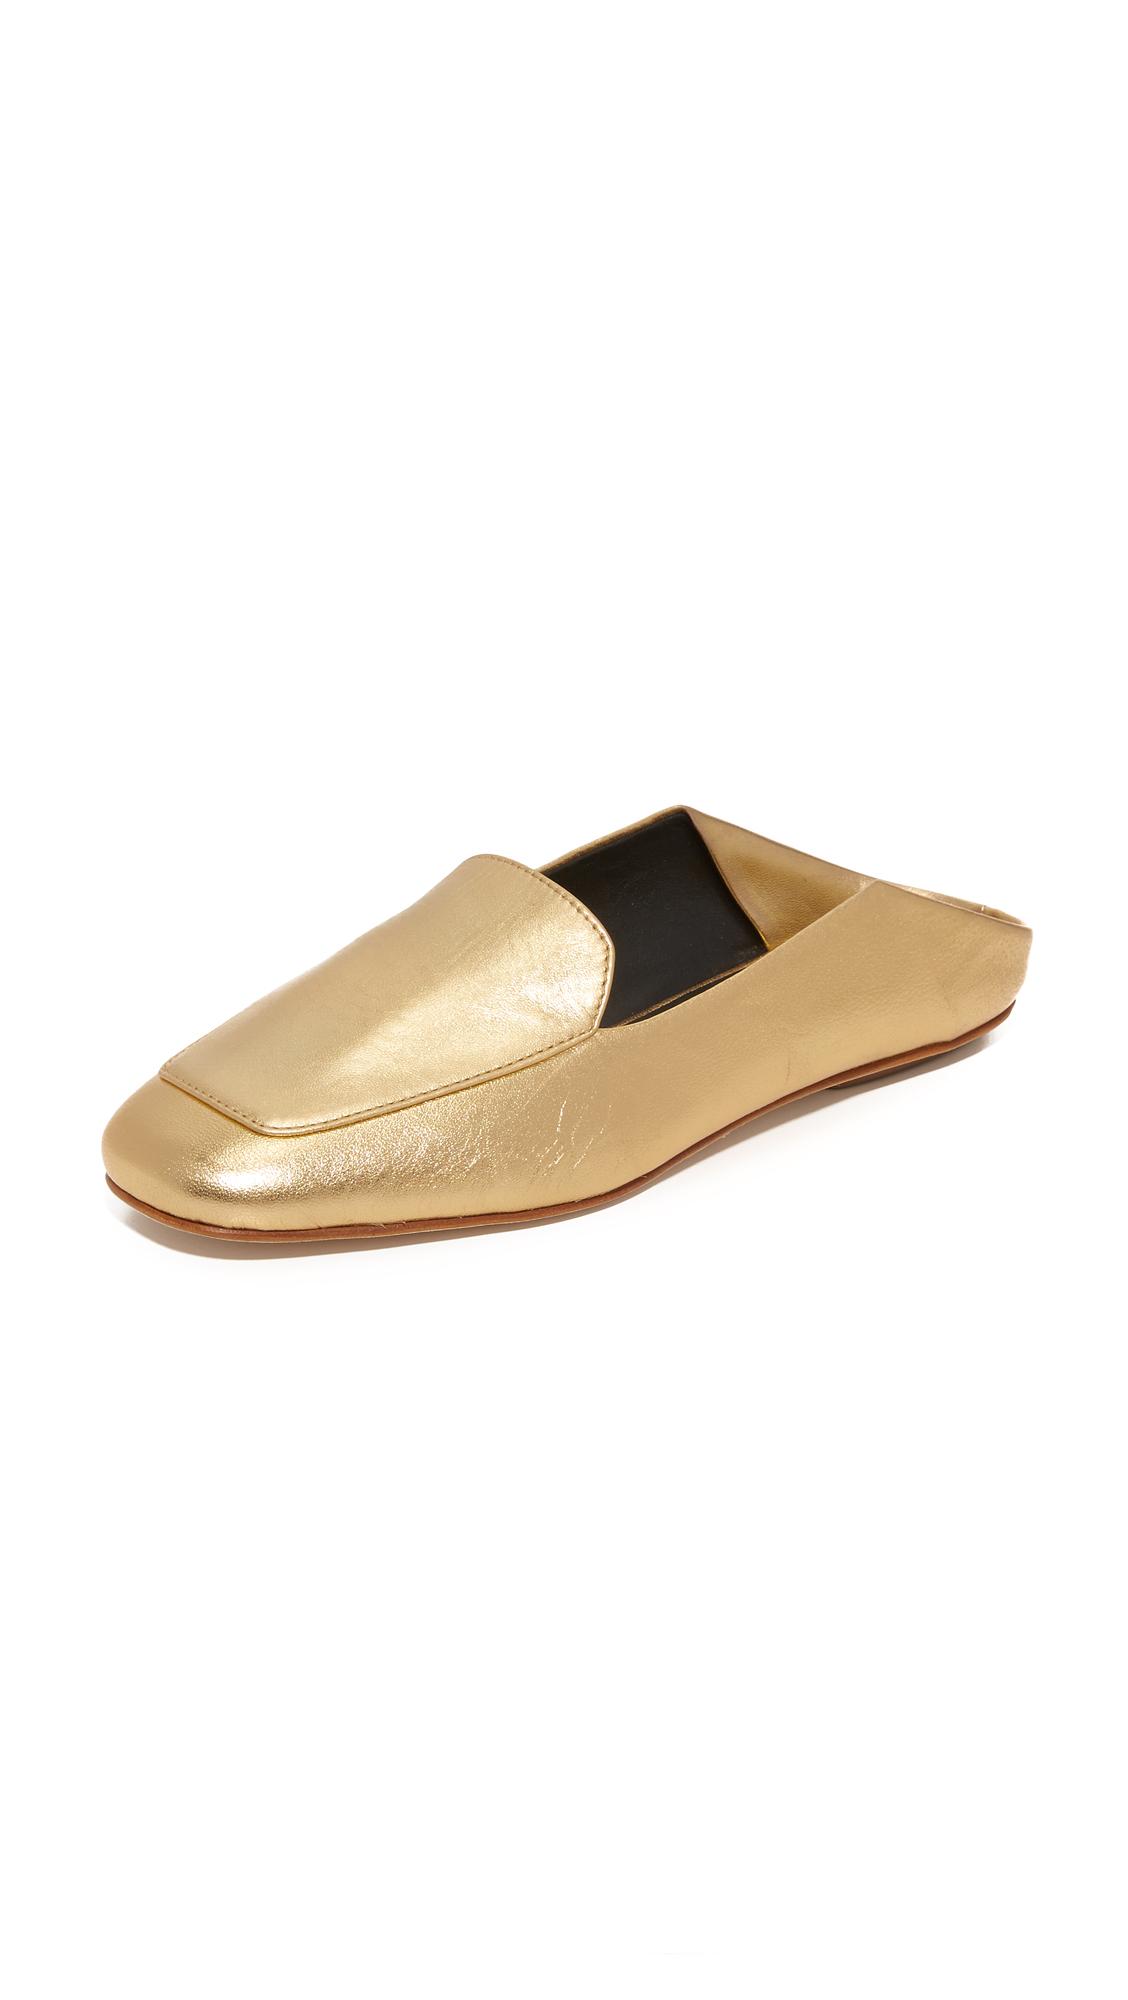 tibi female tibi cecil mules metallic gold